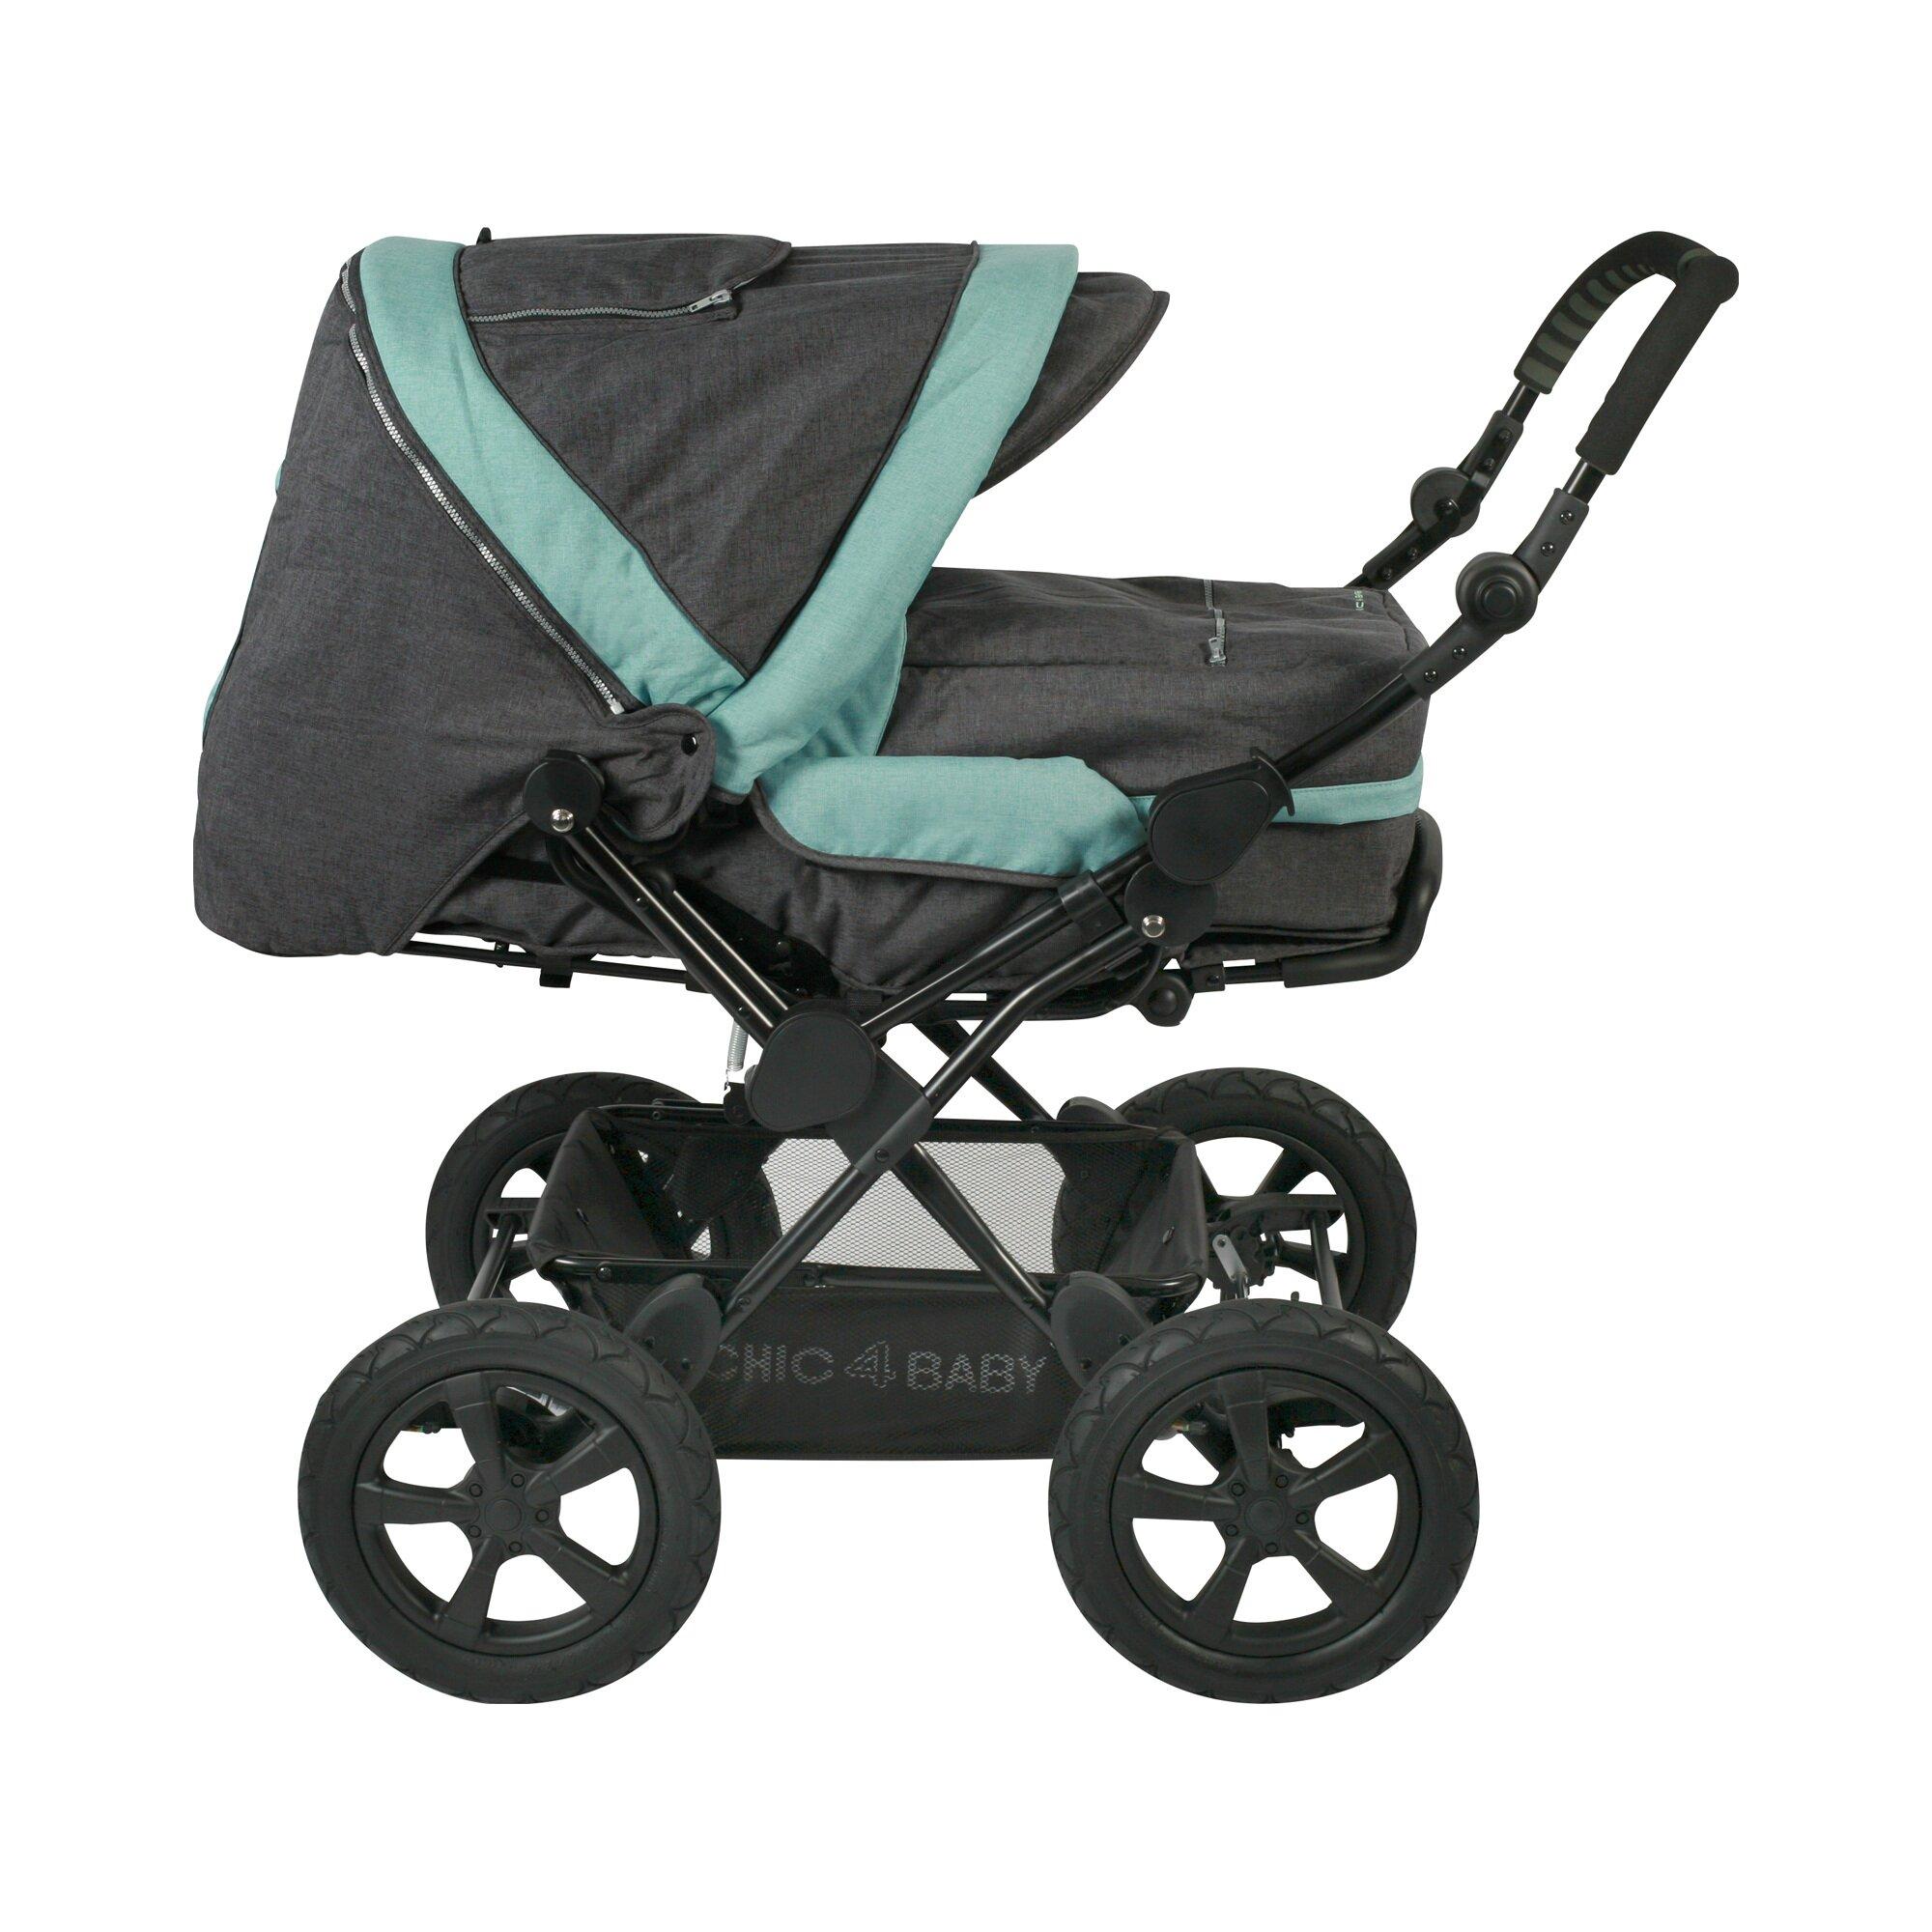 chic-4-baby-viva-kombikinderwagen-grau